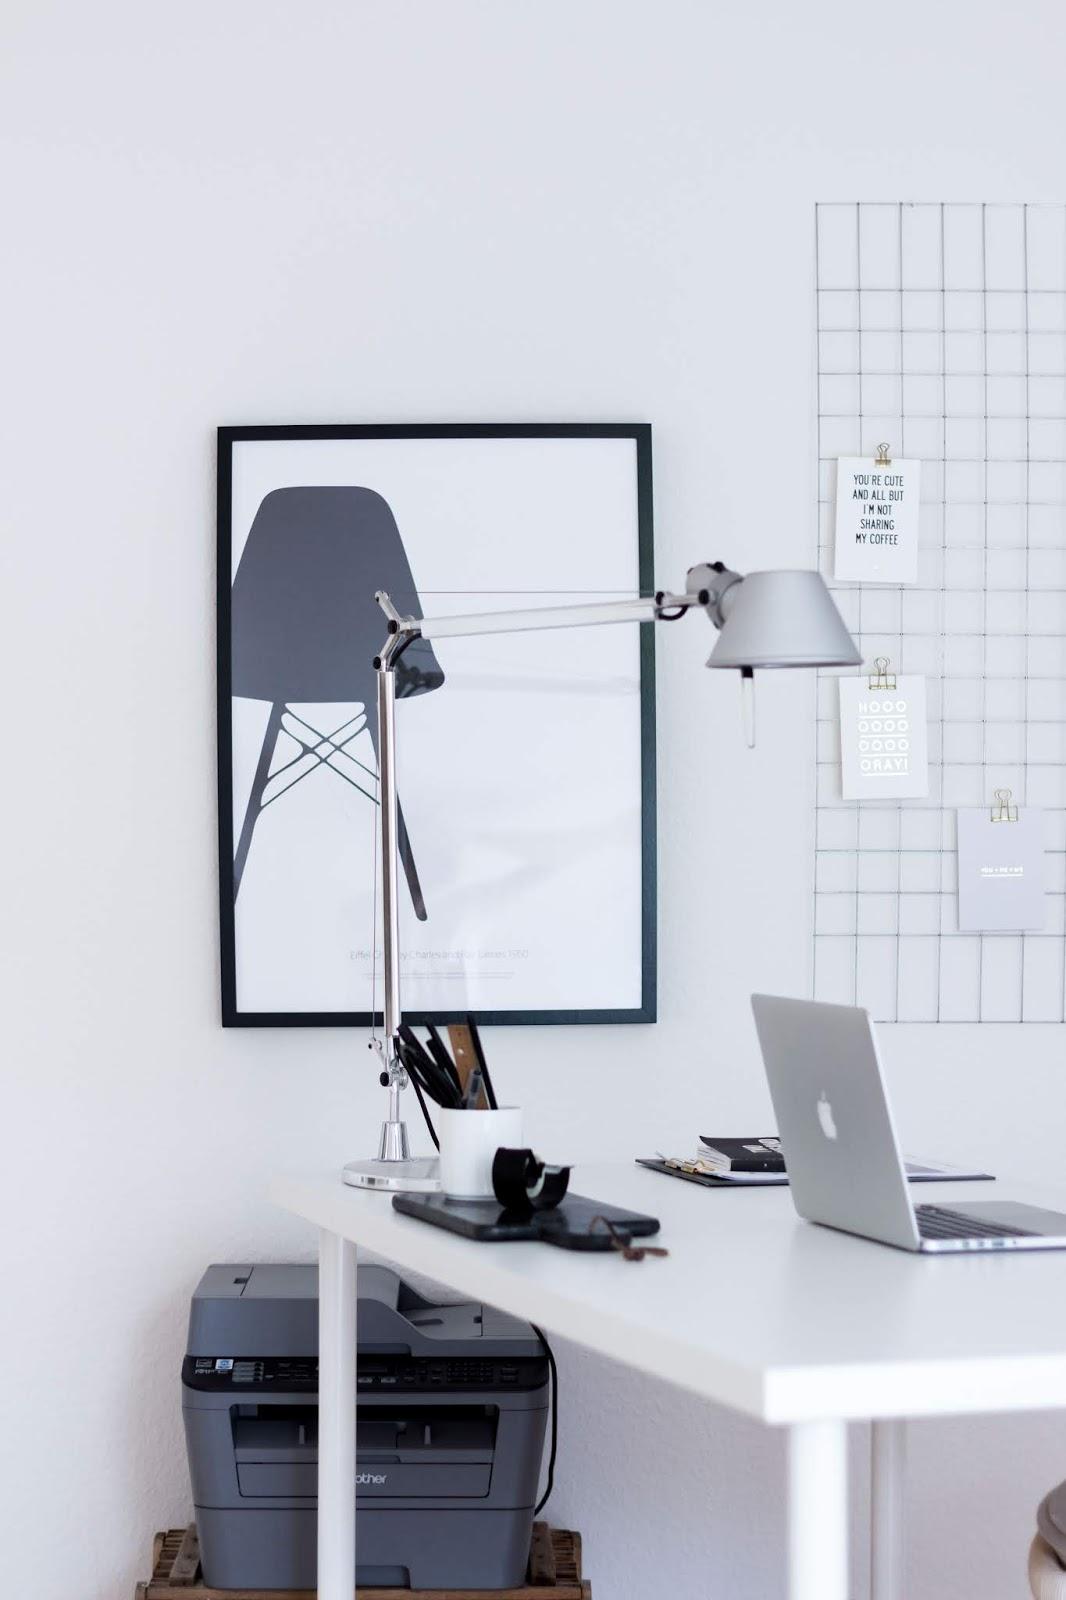 Interior | One-Line-Drawings und schwarz-weiß Prints von Desenio | www.sparklyinspiration.com